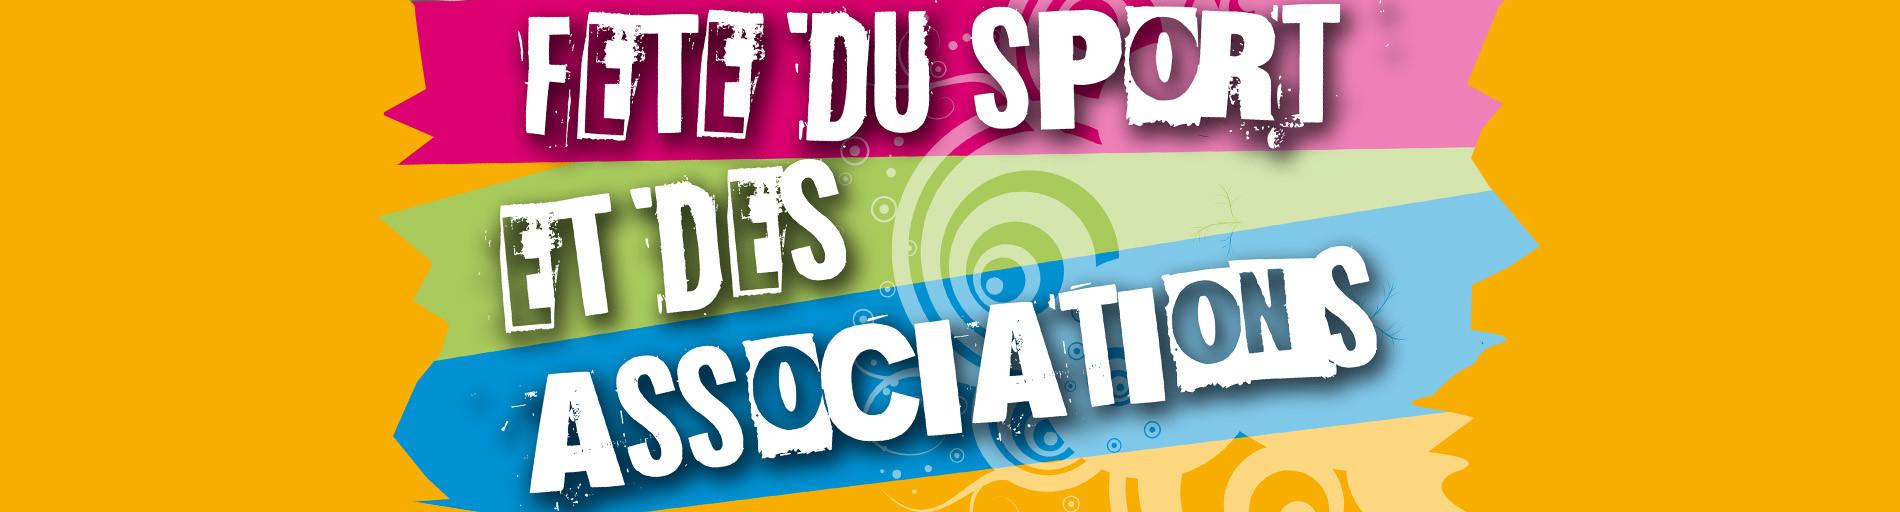 Le programme de la fête du sport et des associations